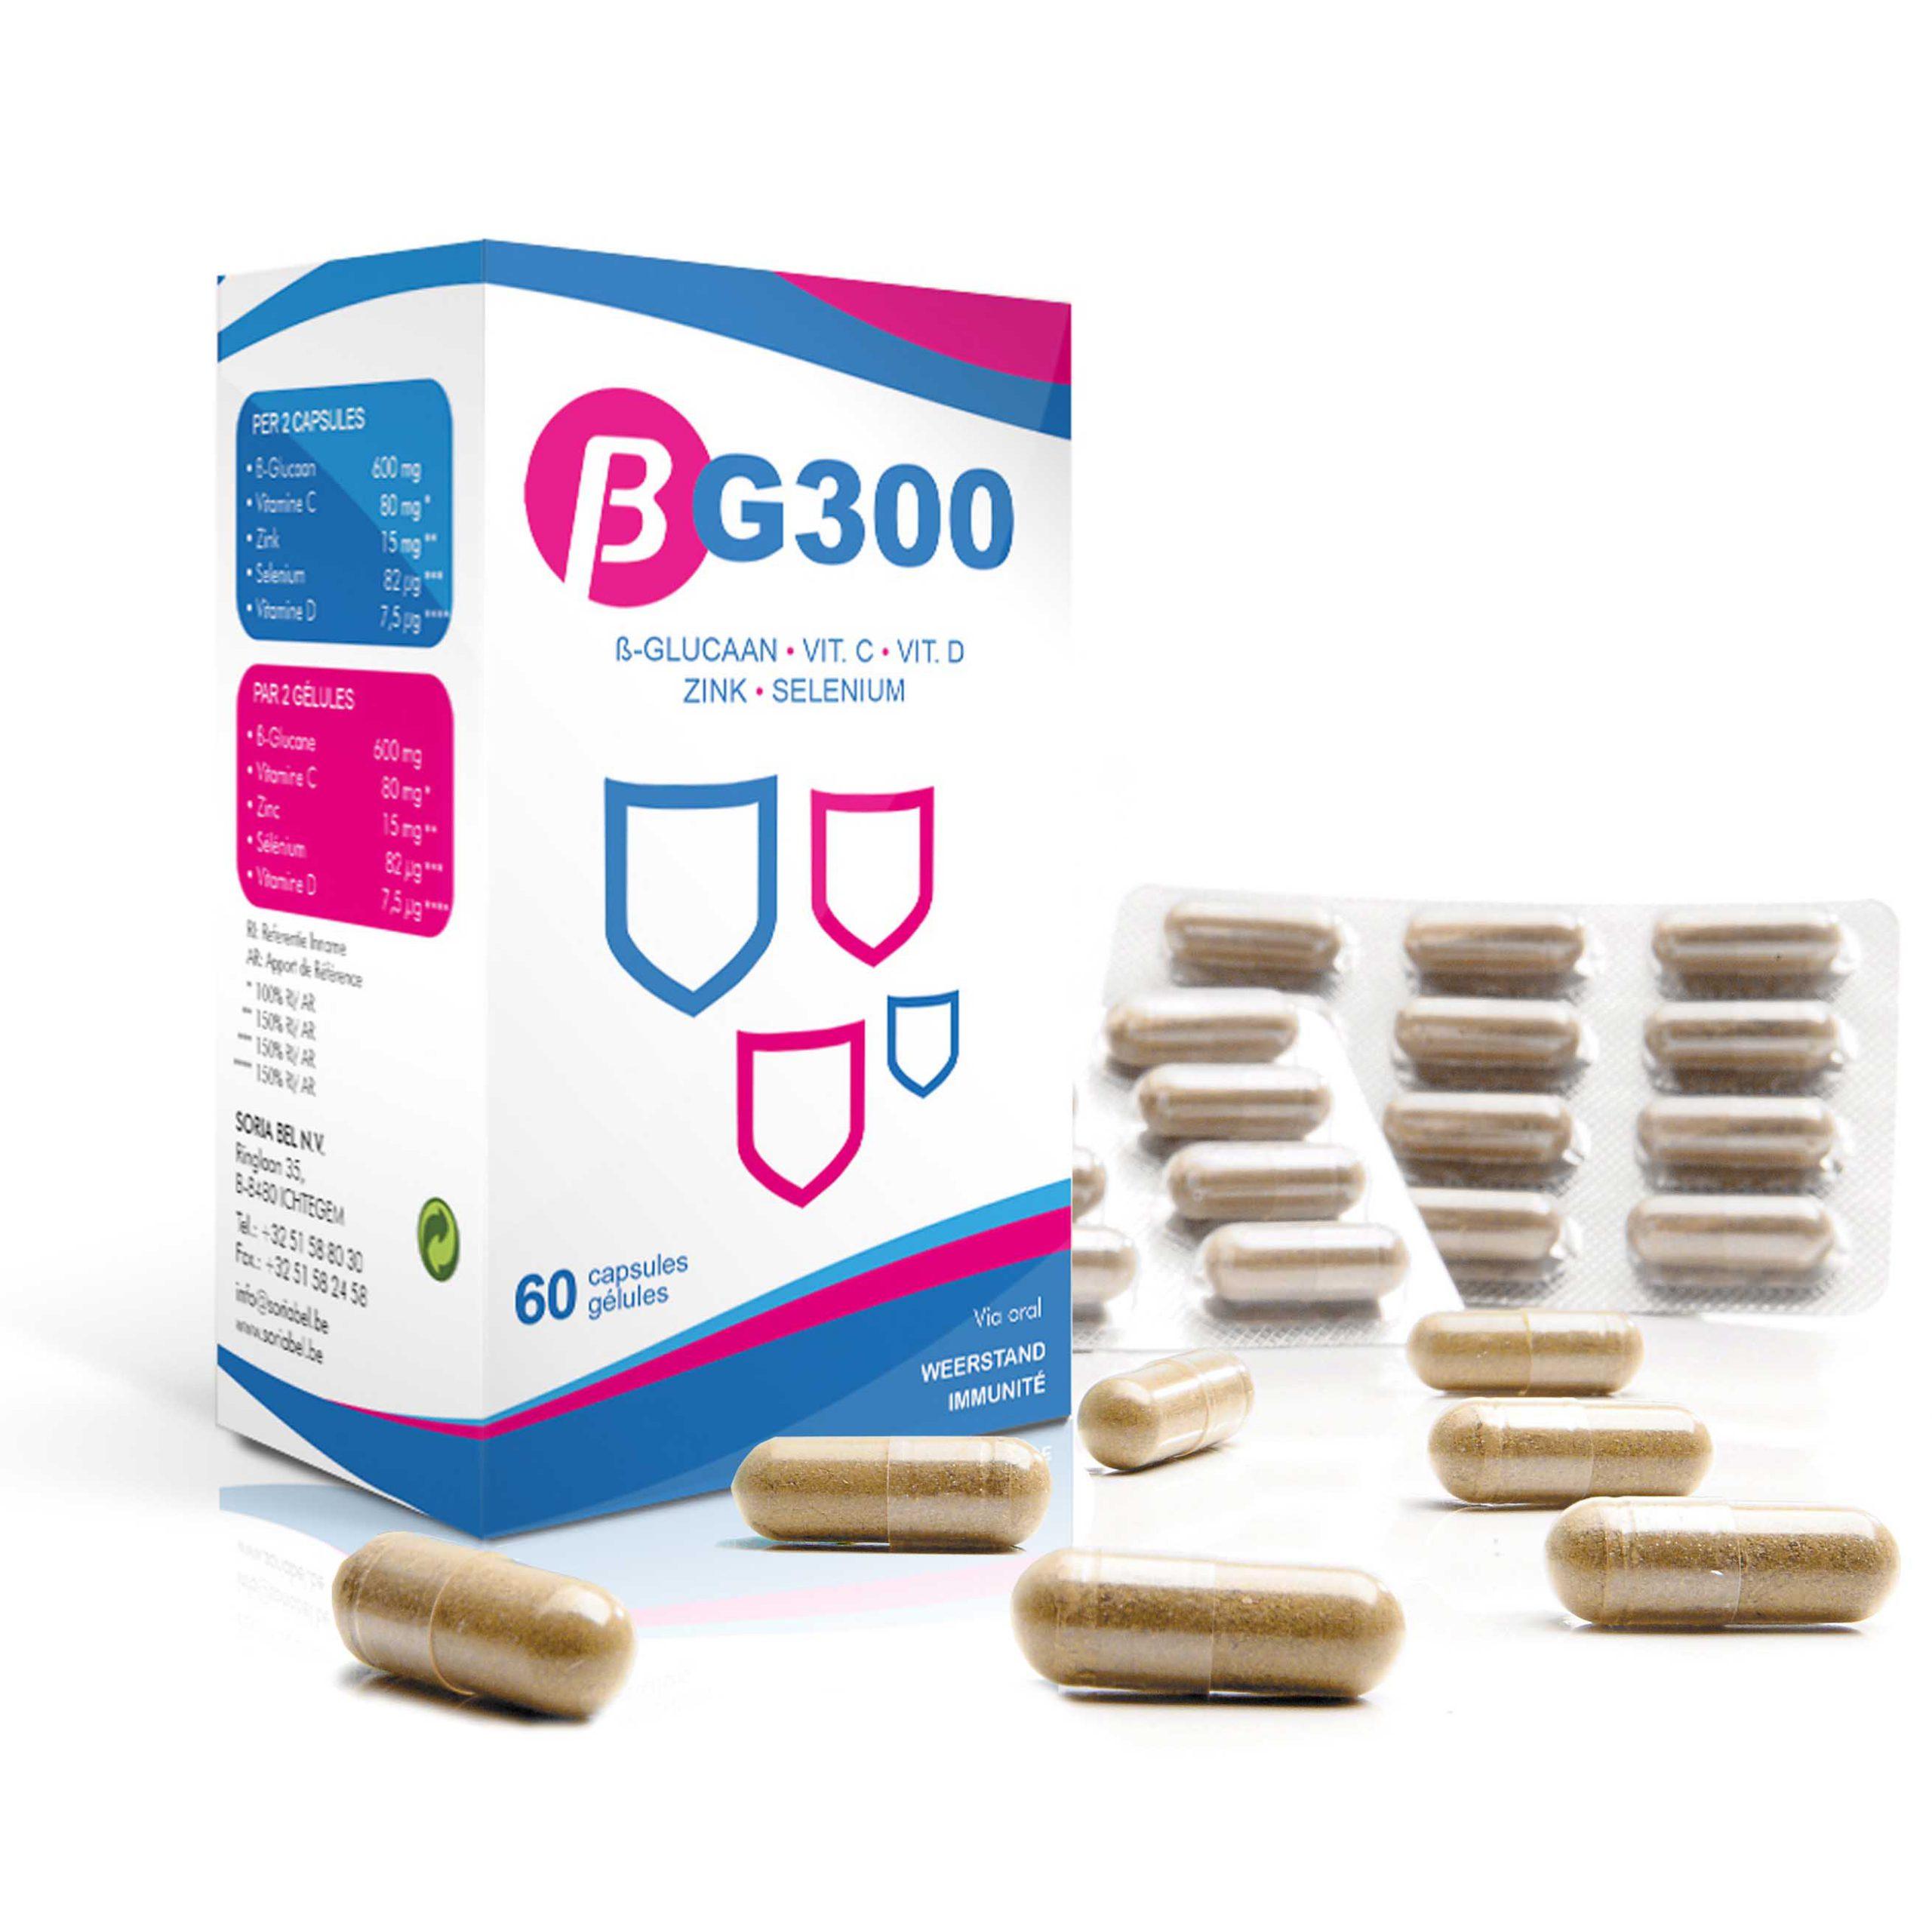 BG300 weerstandscapsules